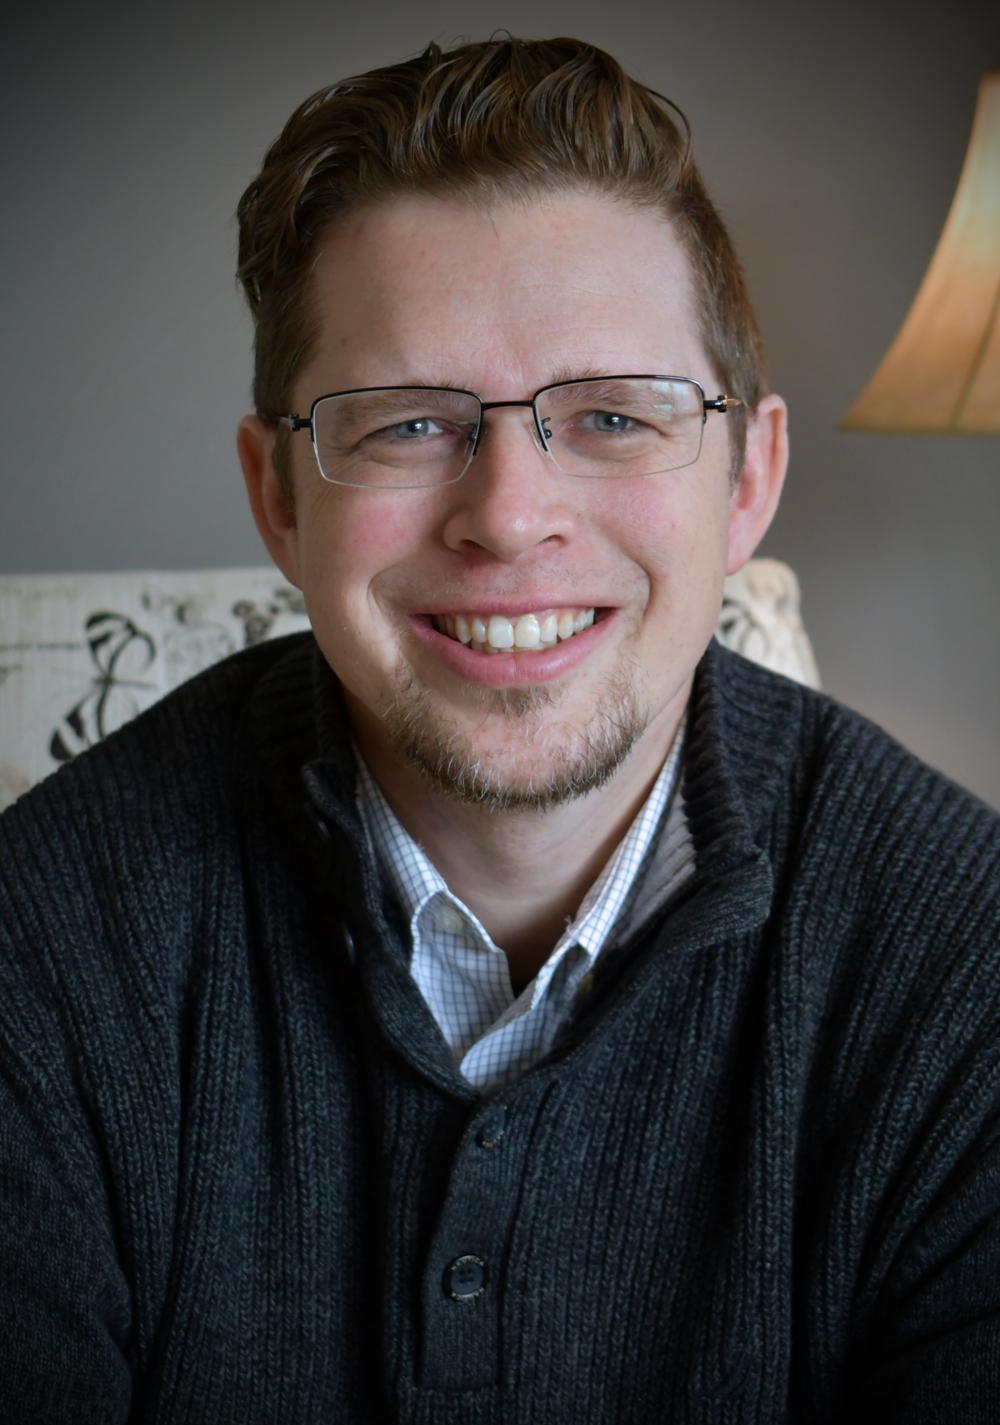 Jonathan McGuire Headshot 1.png